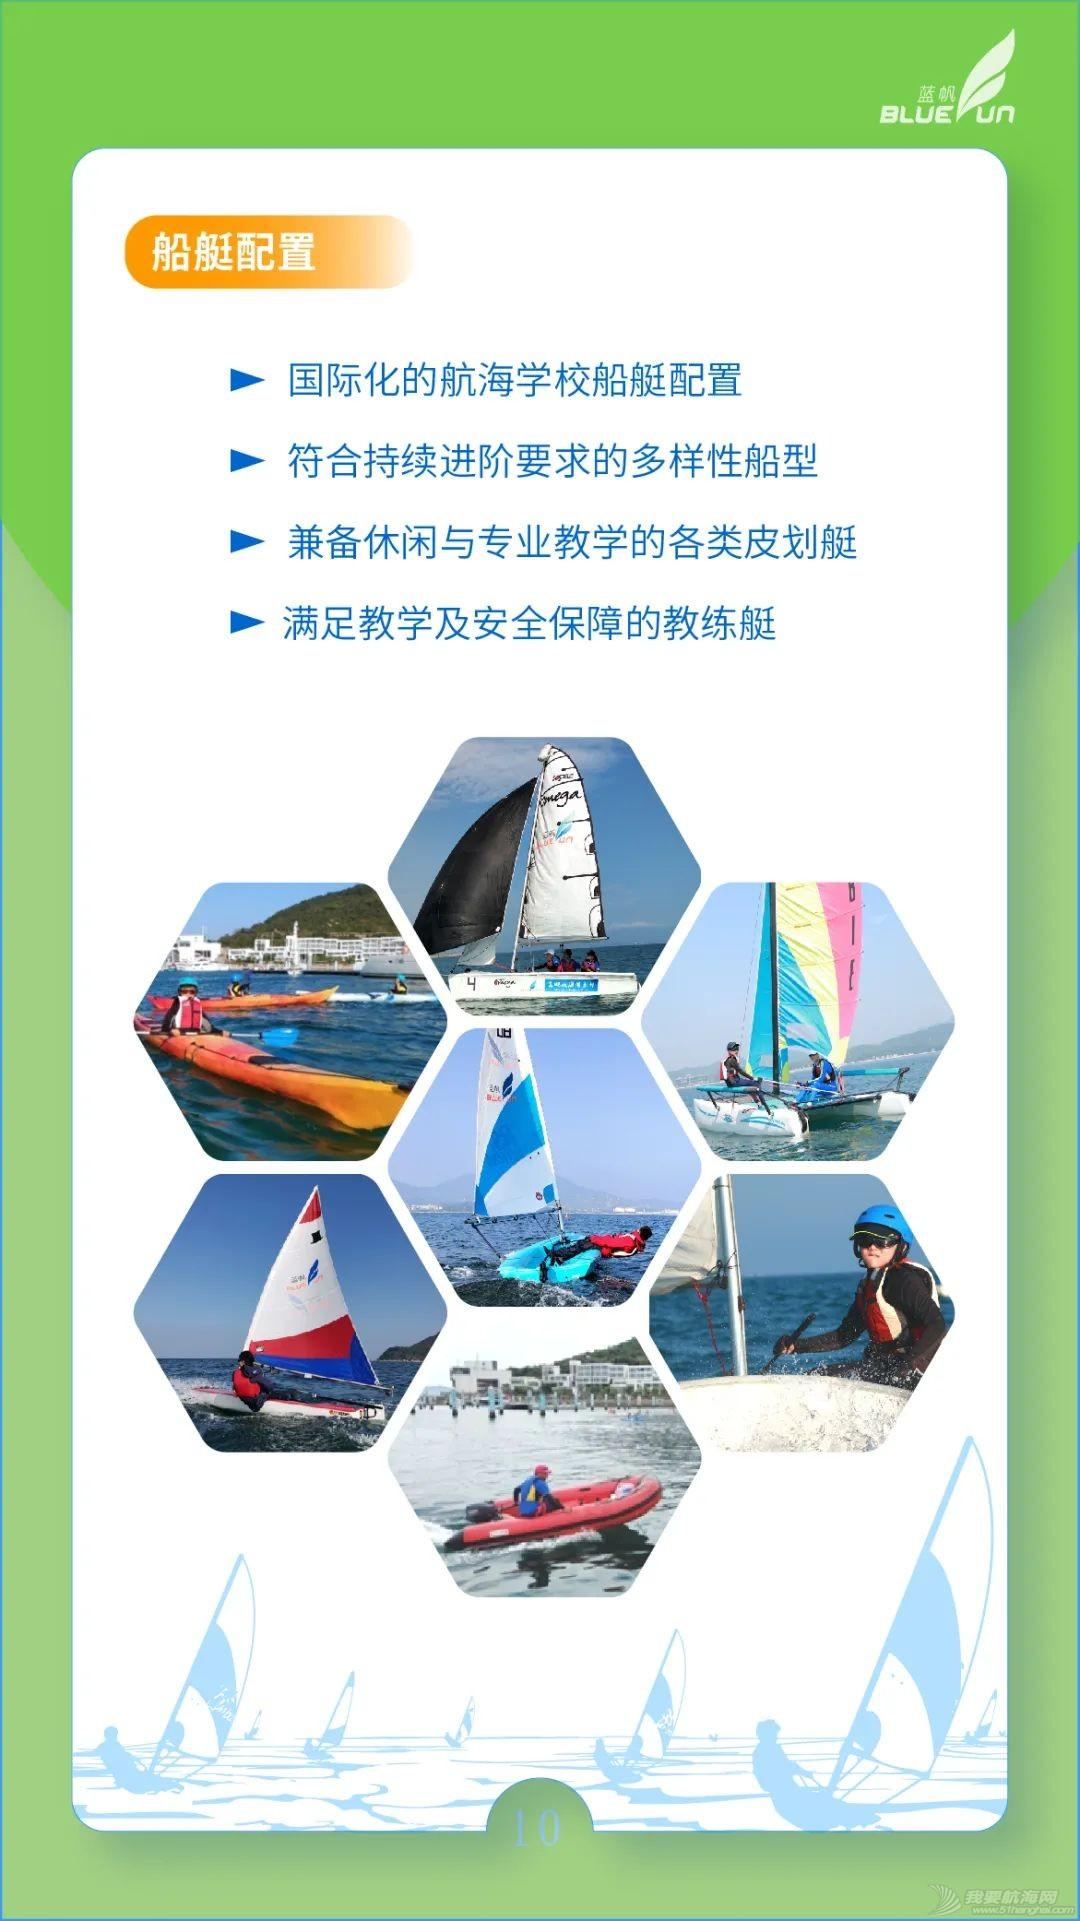 2021帆船夏令营之华南篇|中帆协小帆船认证培训中心营业啦②w29.jpg